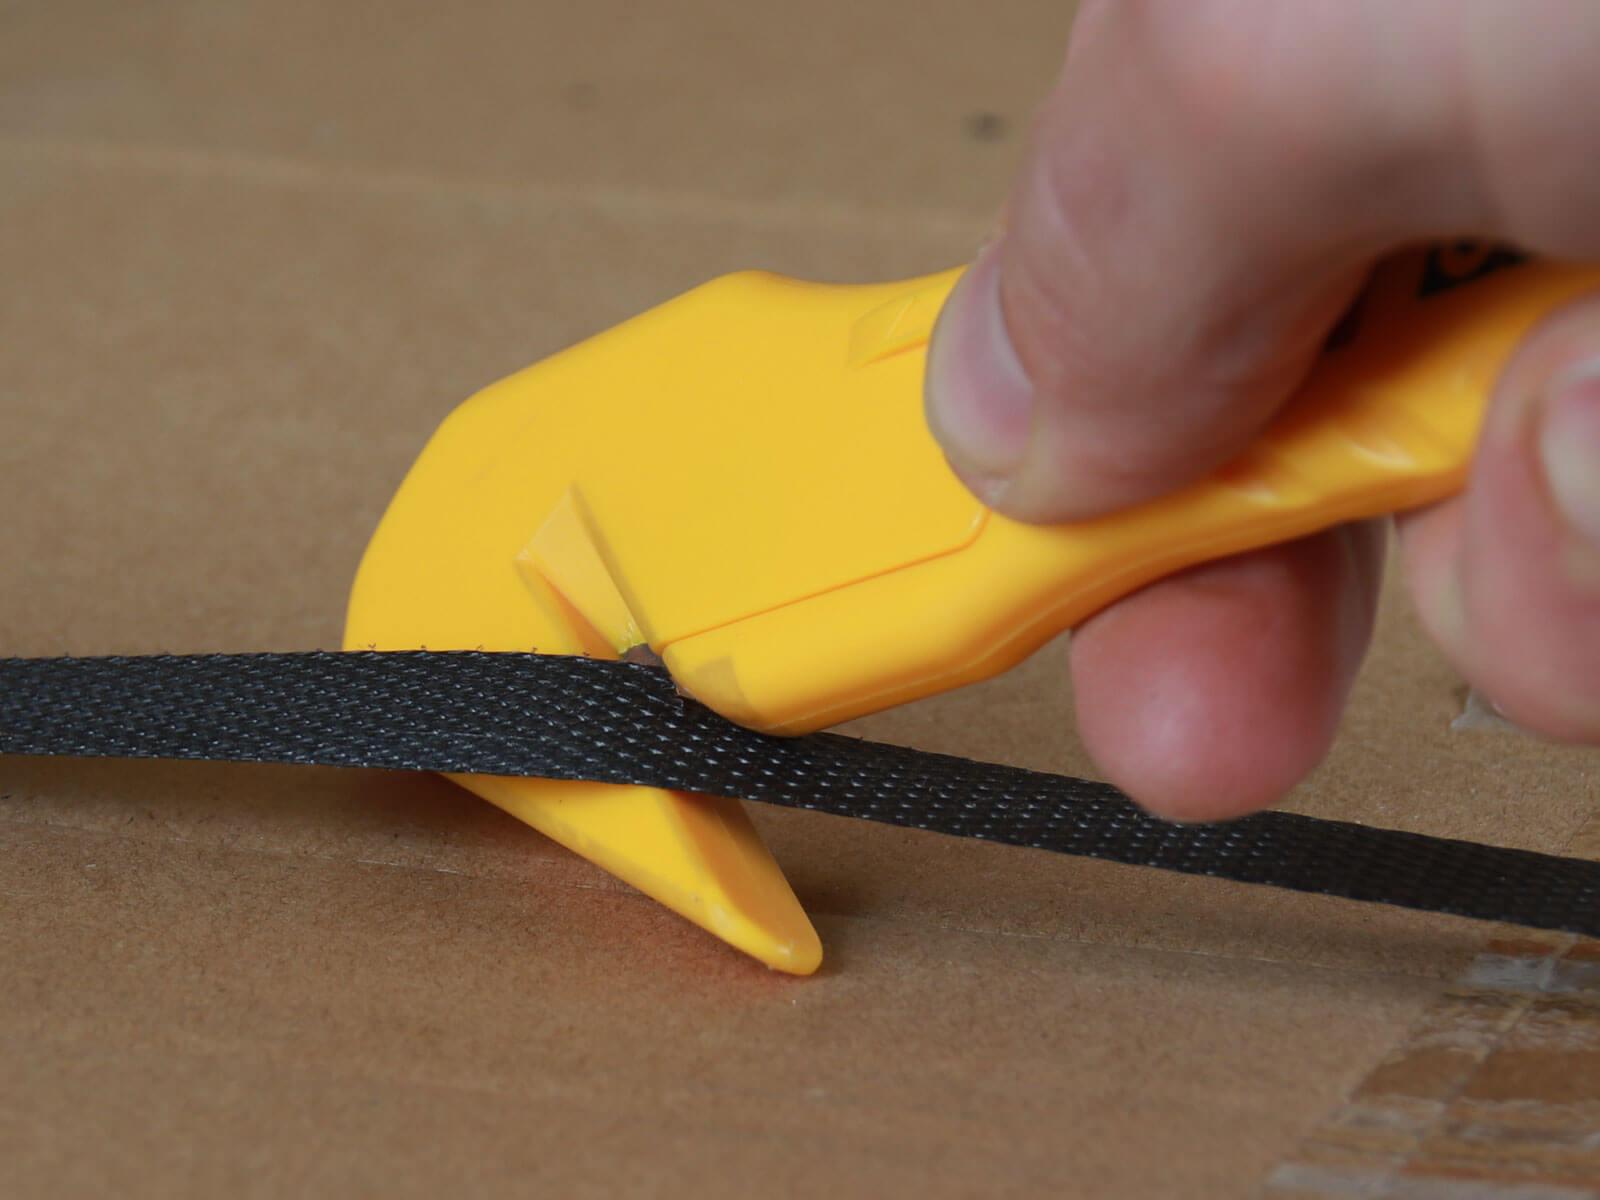 H041Sicherheitsmesser Schutzhaken Folienmesser Umreifungsband schneiden CURT-tools